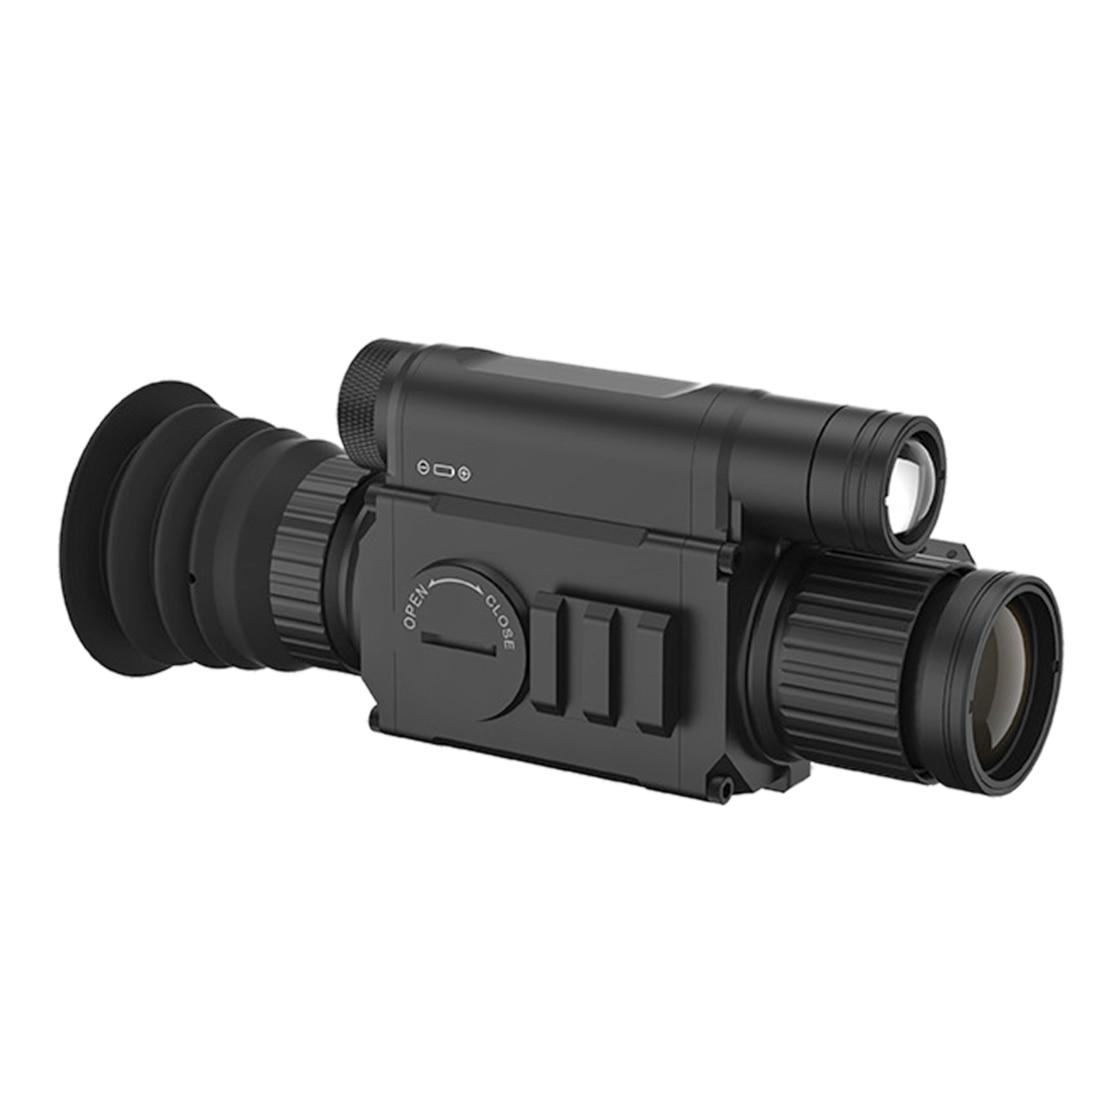 Pard NV008 6.5x-12x lunette de Vision nocturne monoculaires-noir